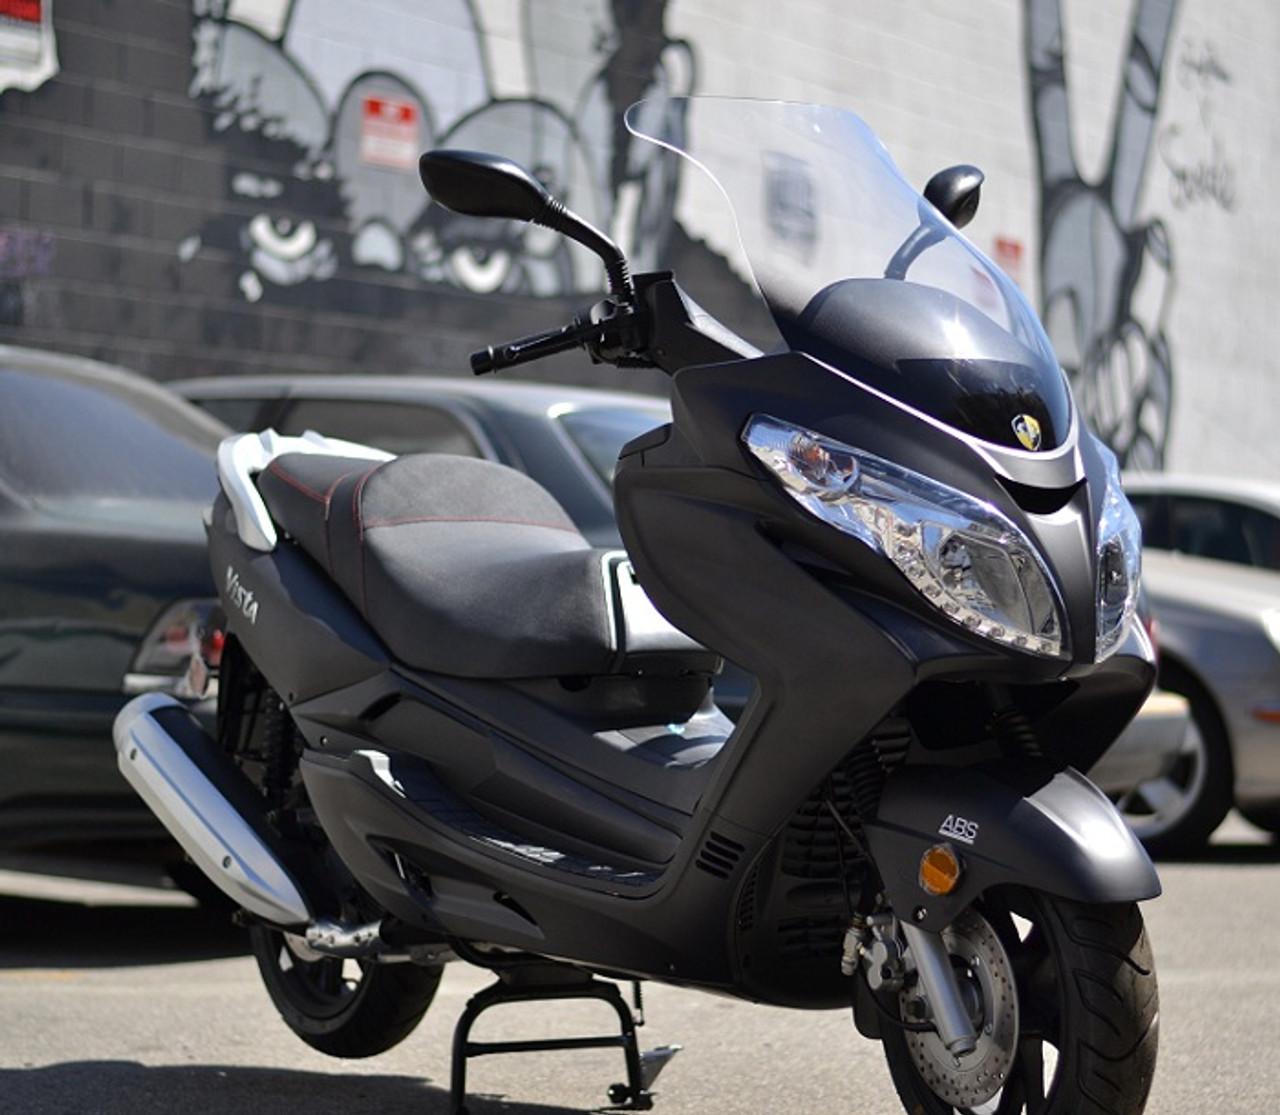 Amigo Executive Limited 149cc Street Legal Scooter,